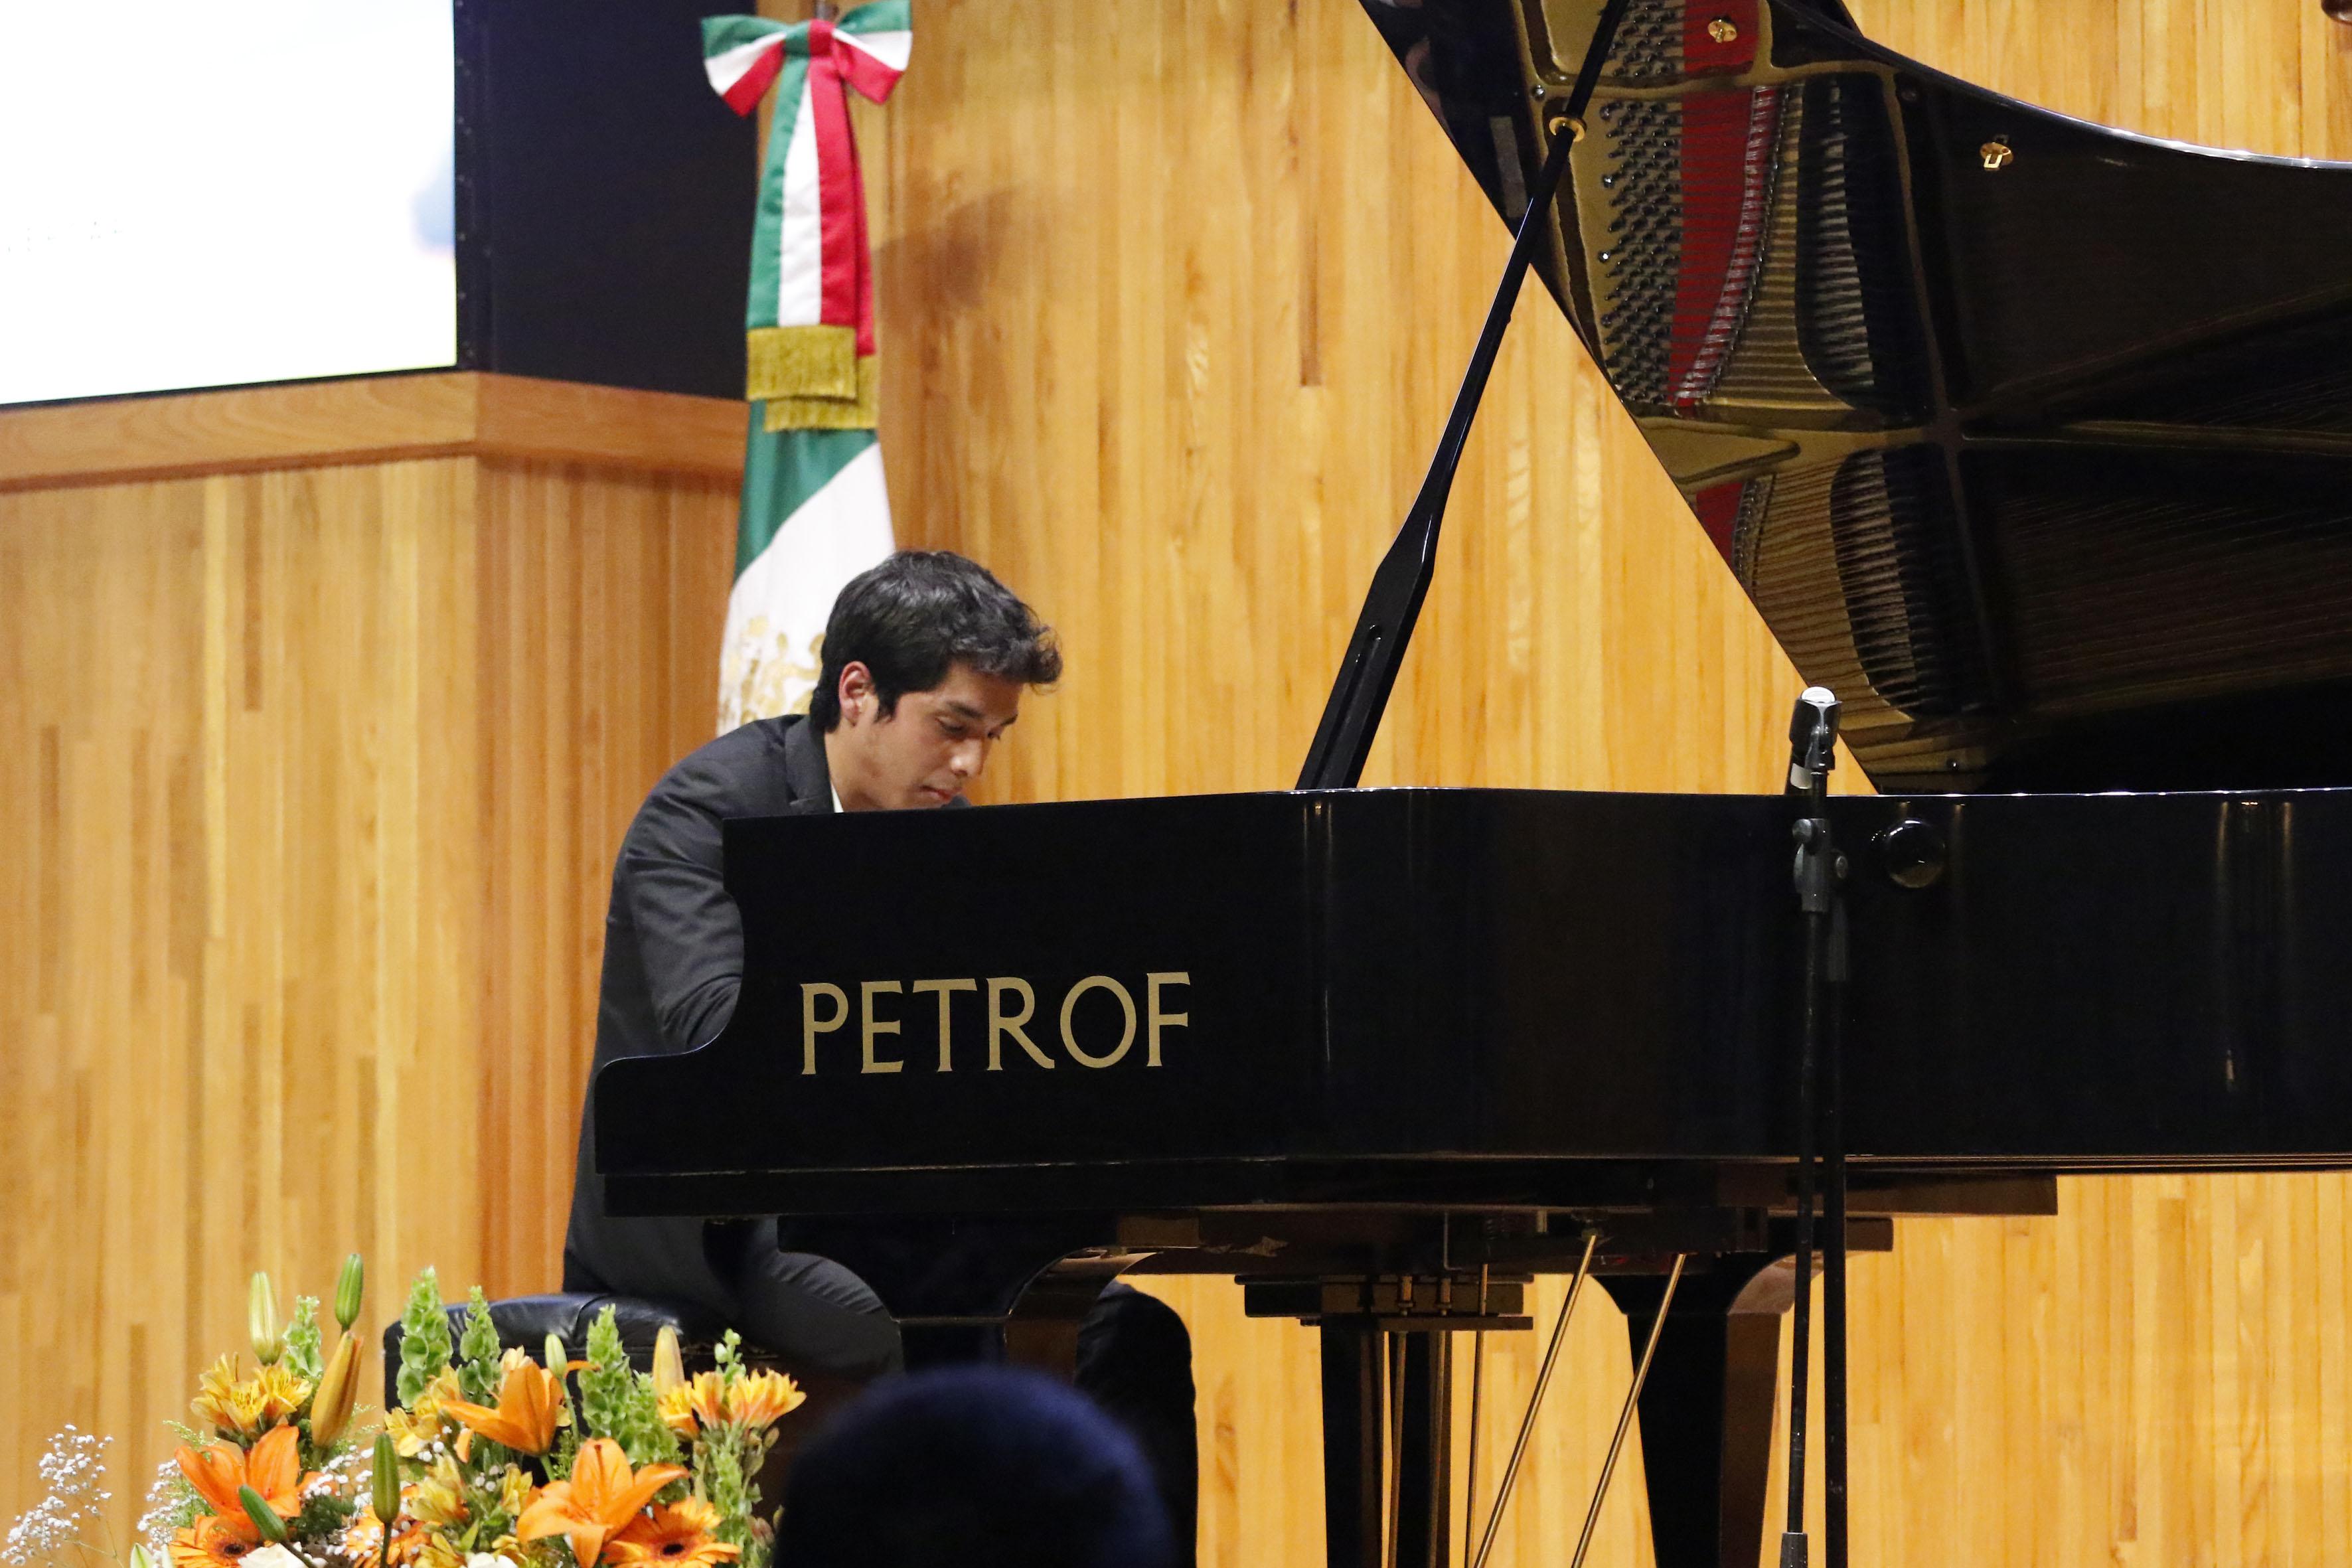 Jorge Helir Hernández López, joven acreedor al primer lugar del Concurso Nacional de Piano, tocando recital durante la ceremonia de premiación.